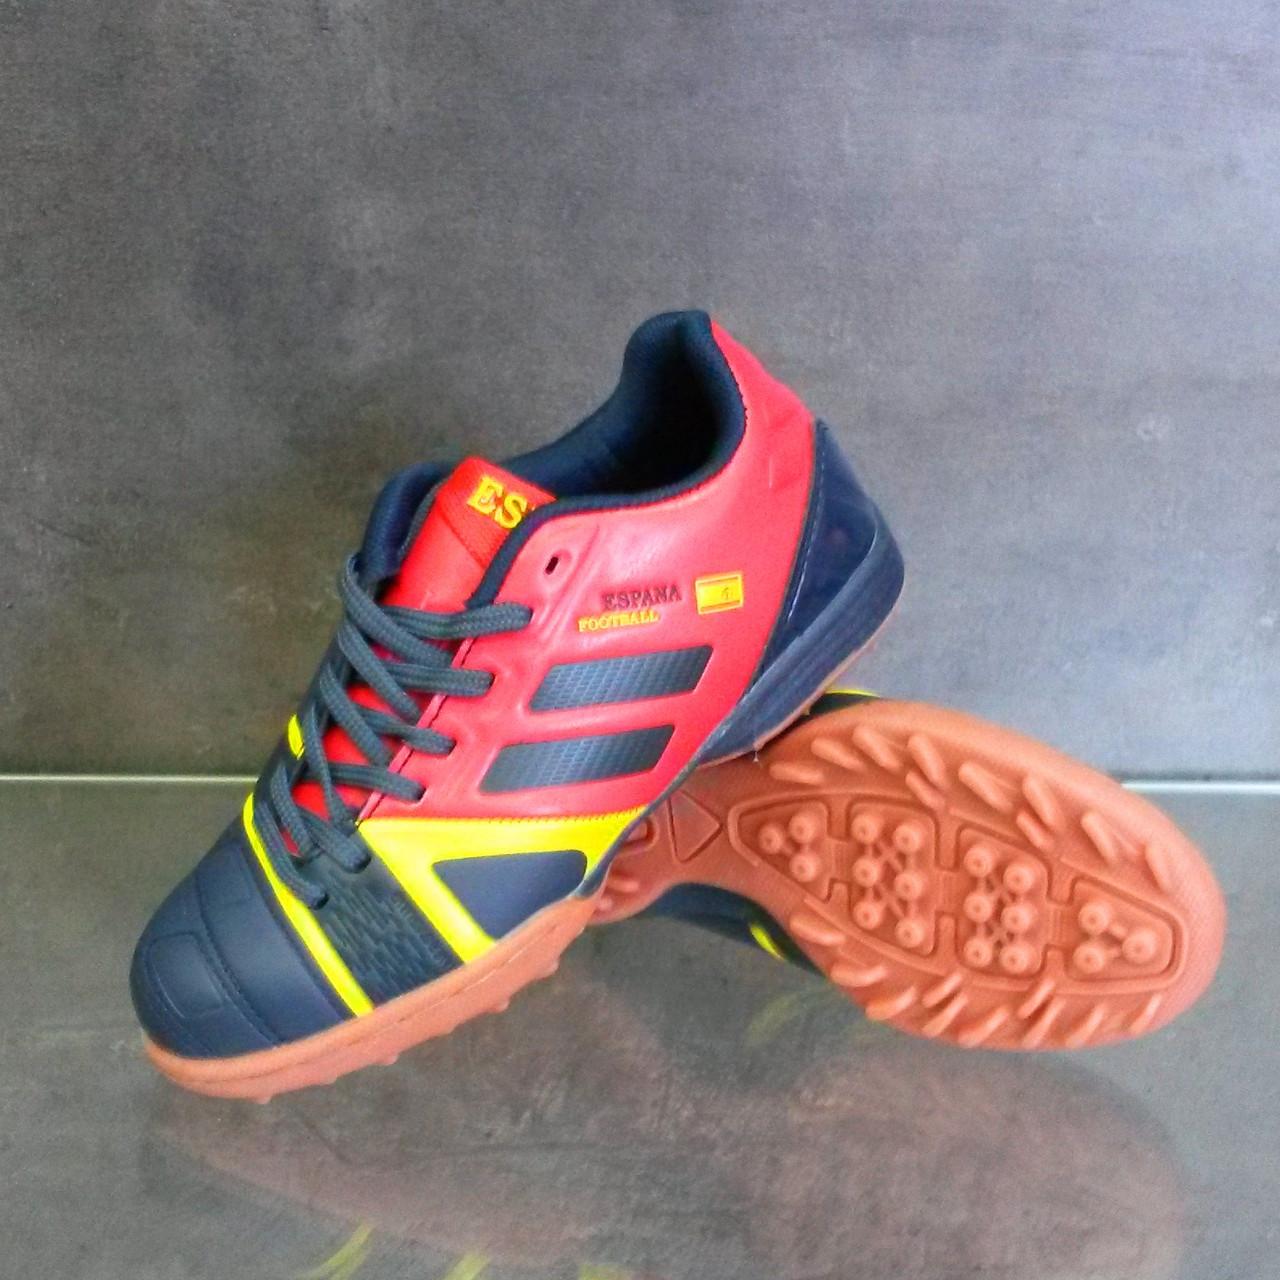 Детская футбольная обувь (сороконожки) Demix SPN TF JR